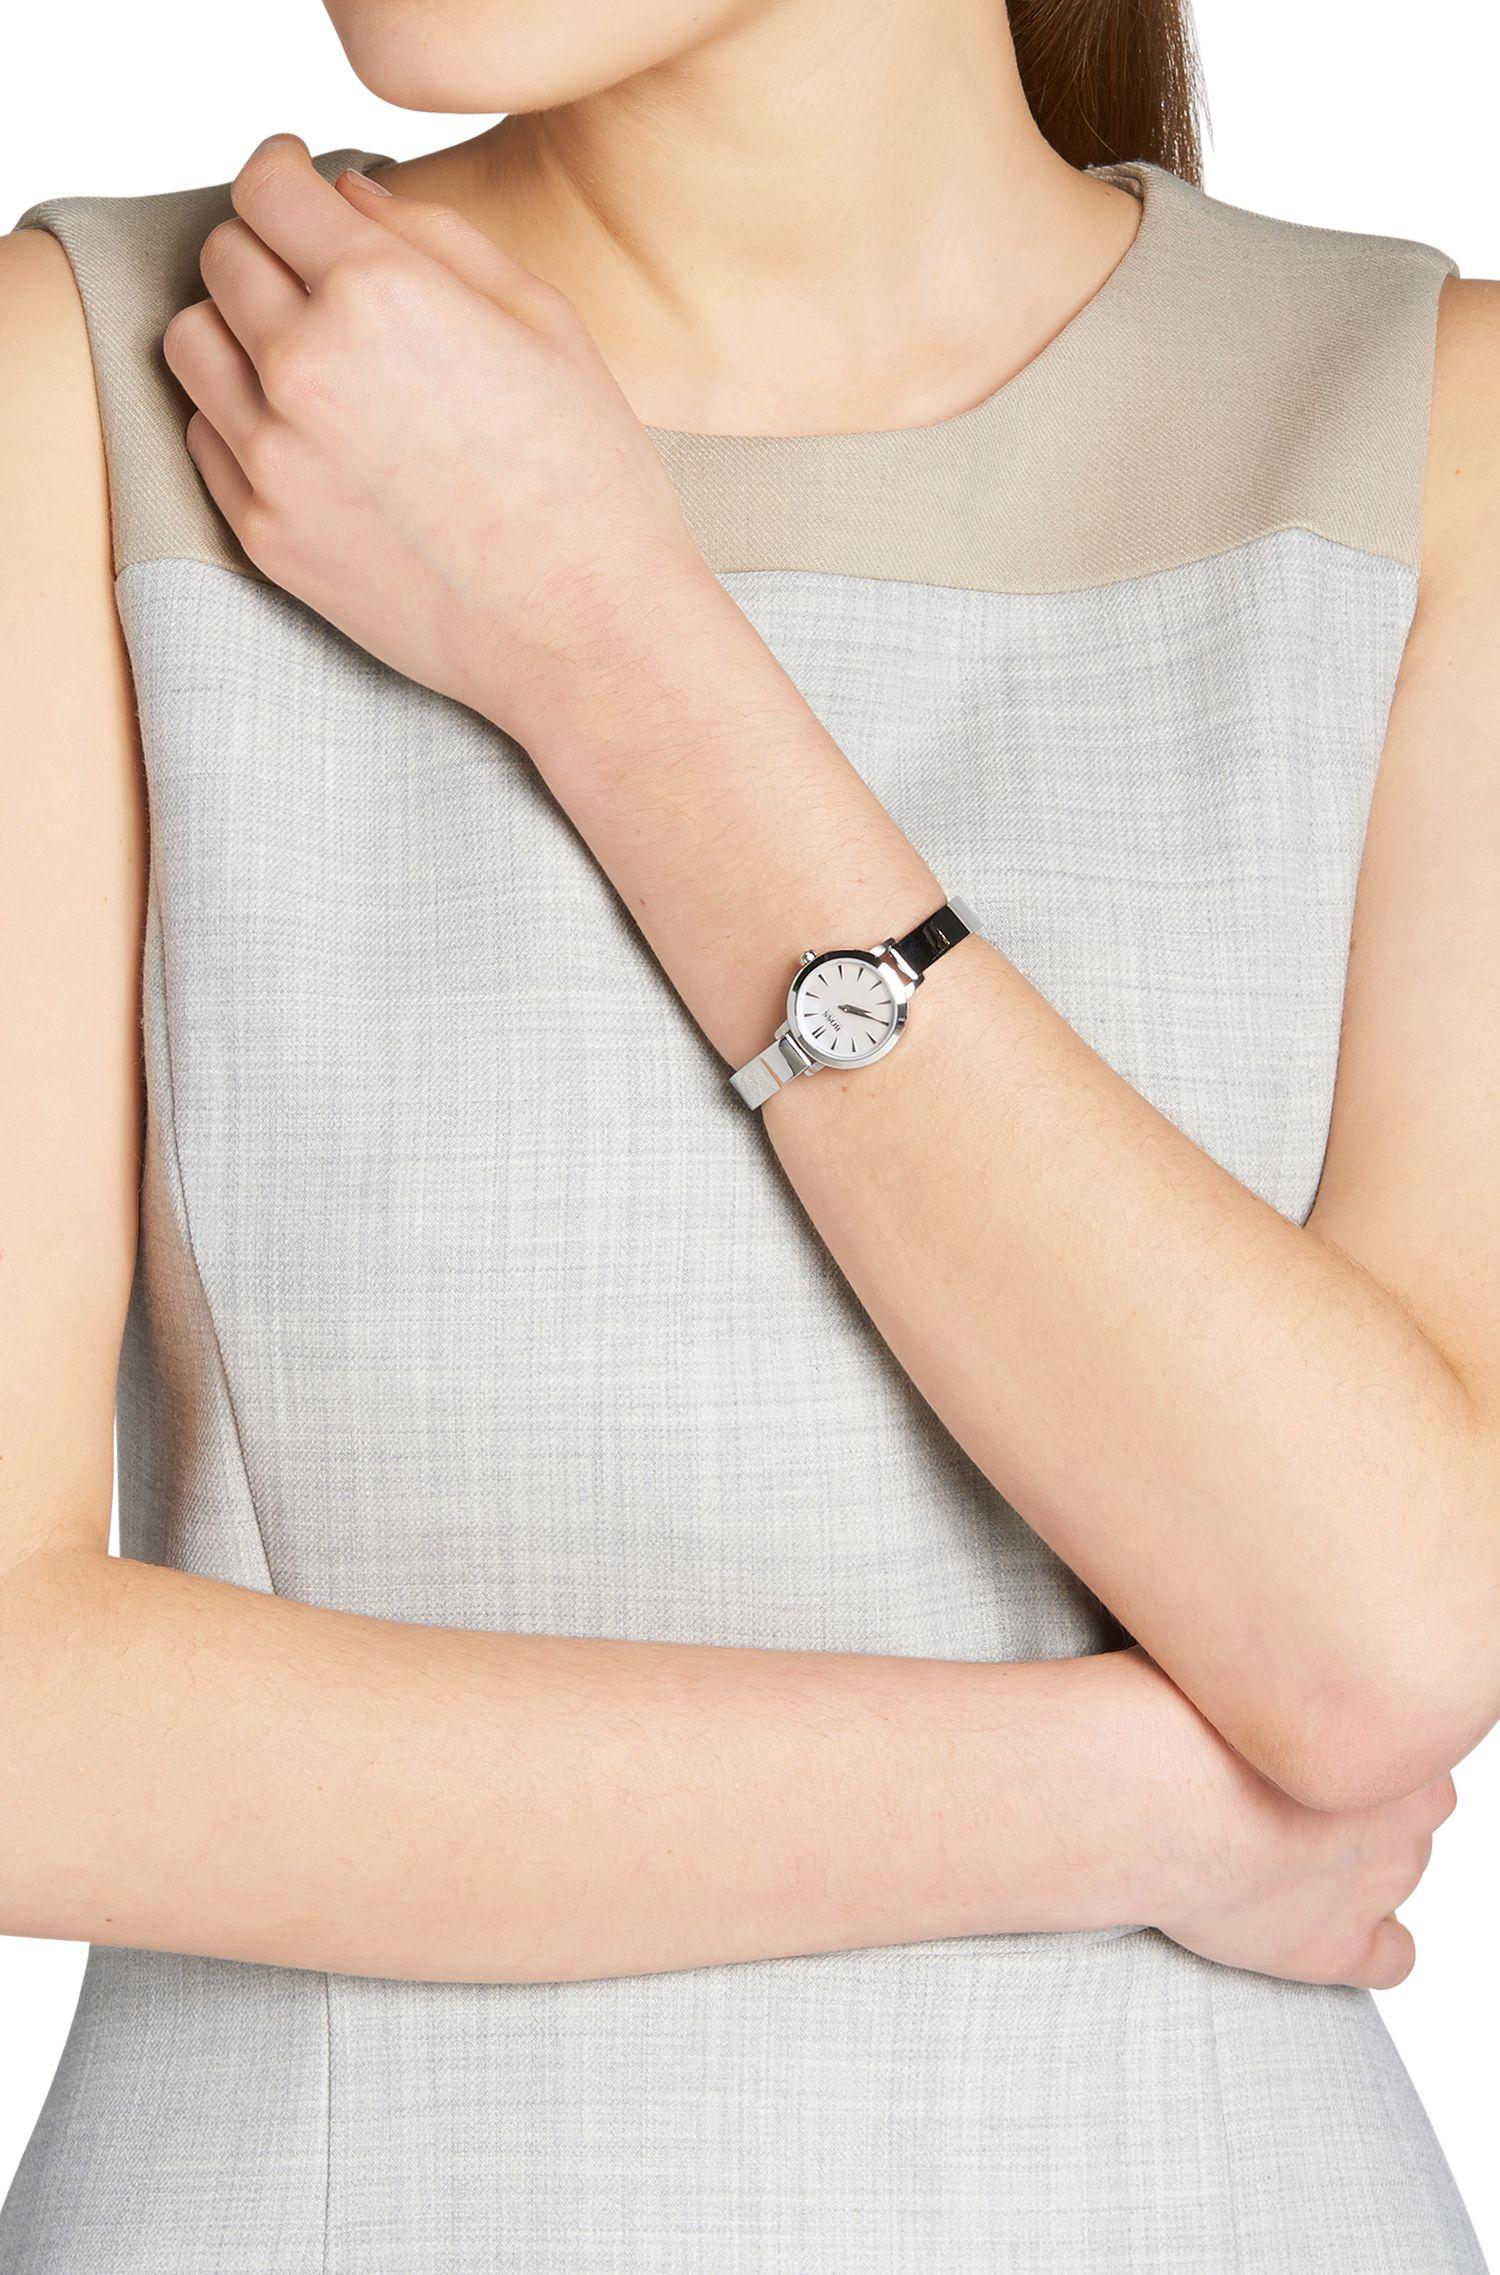 Montre-bracelet «HB6020» en acier inoxydable